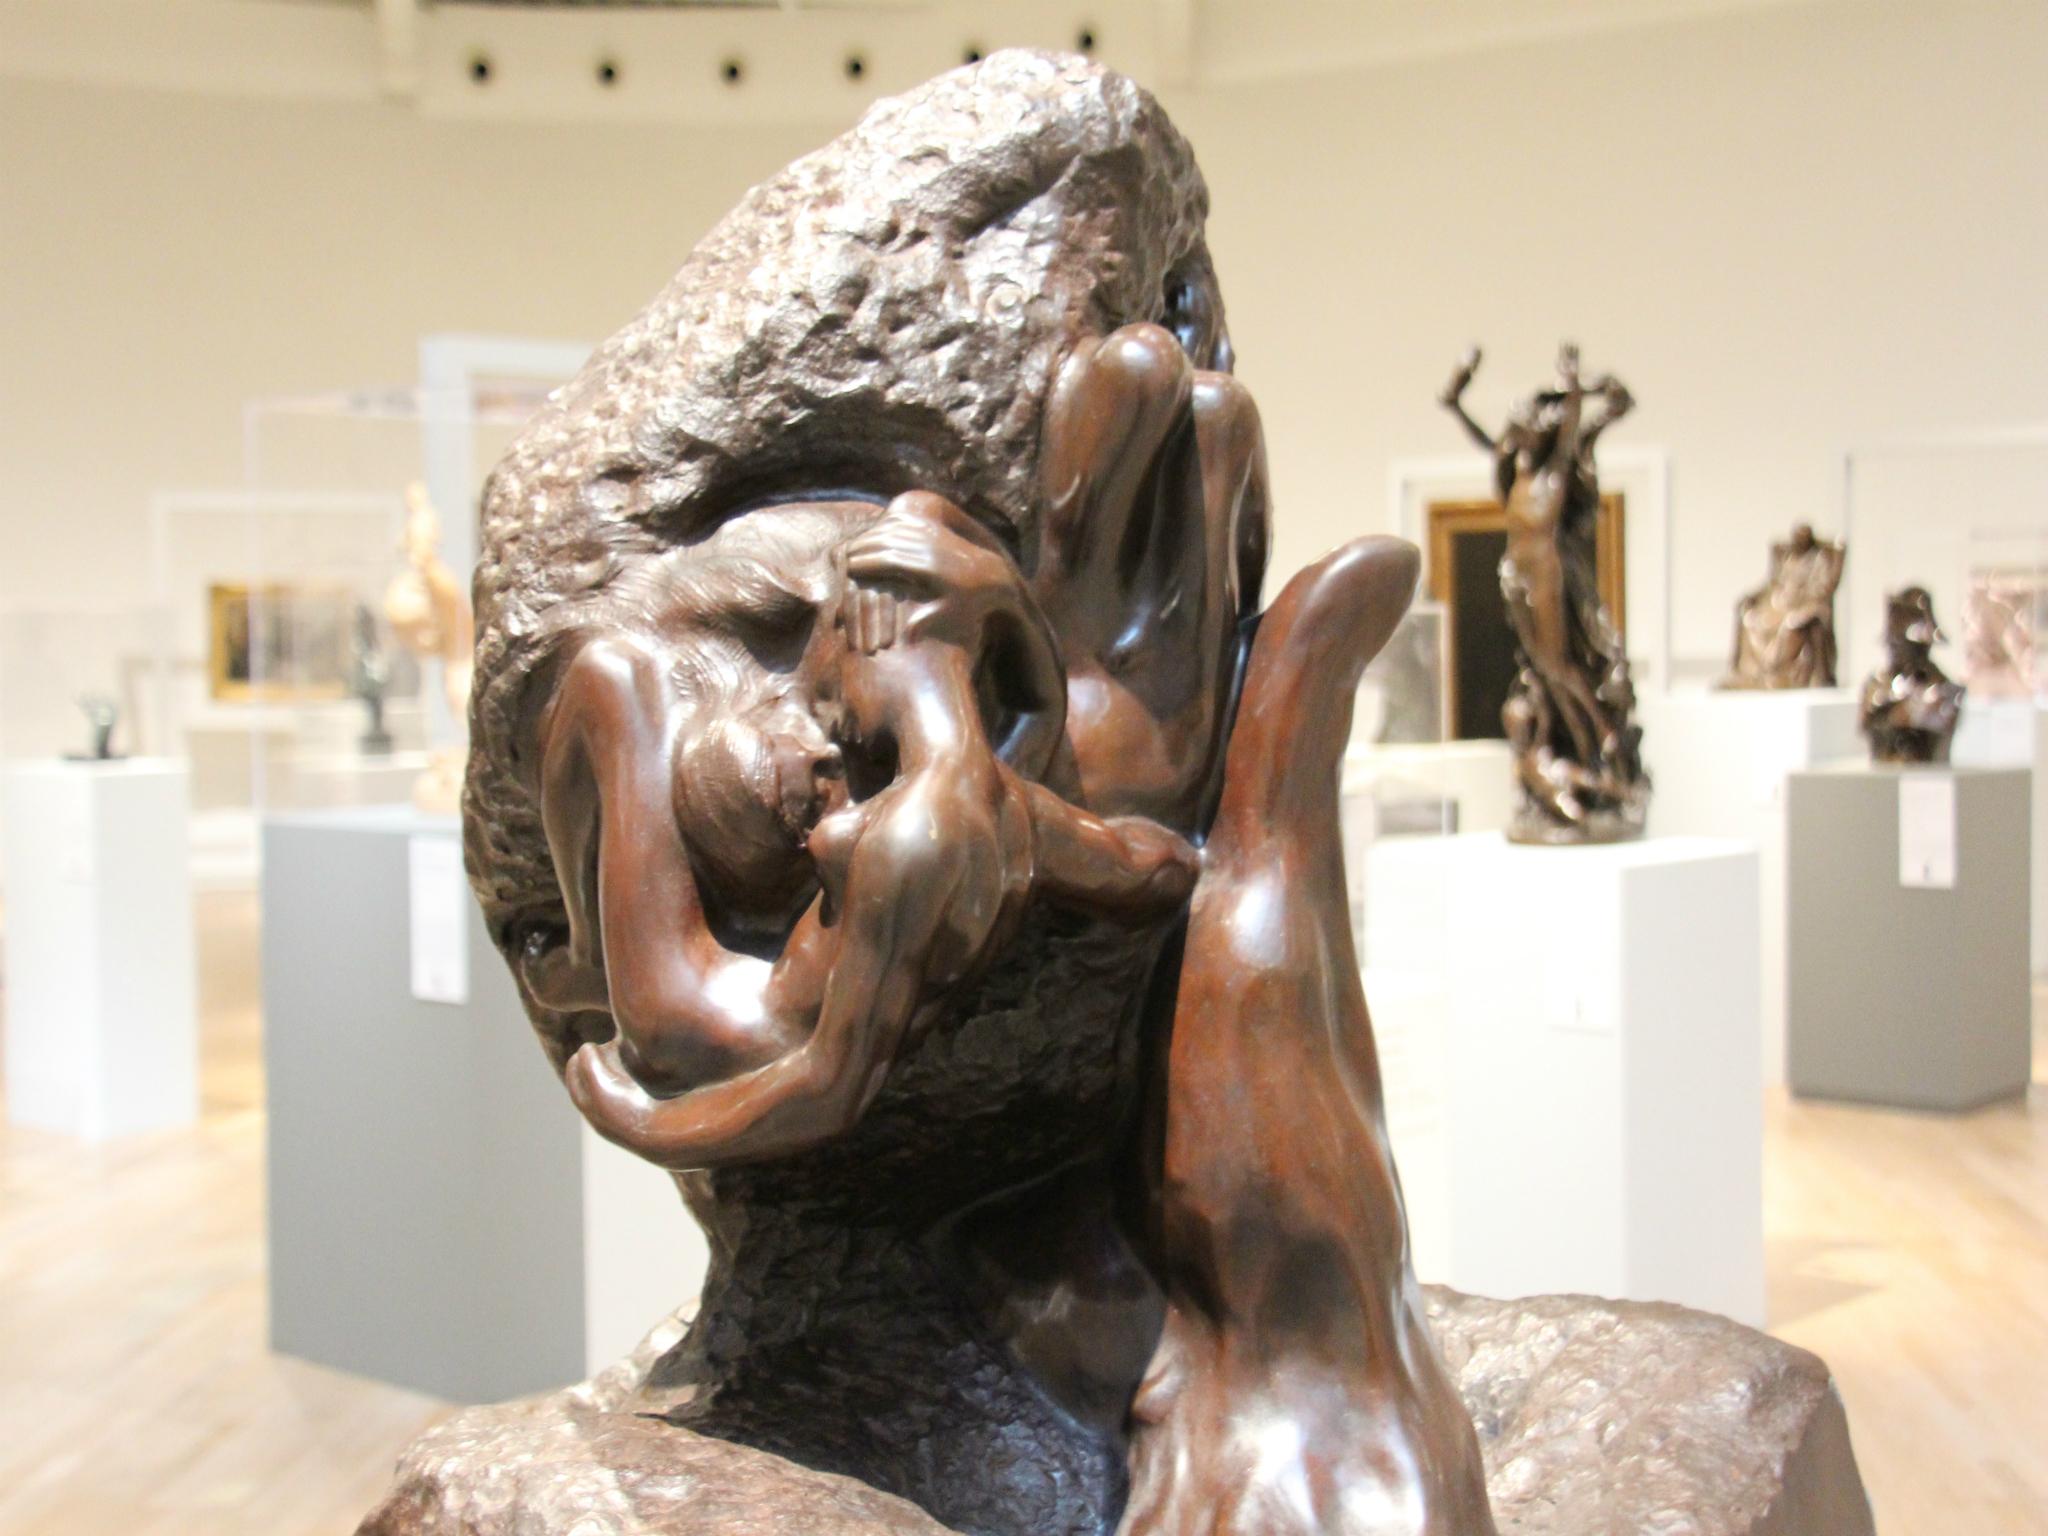 La mano de Dios de Auguste Rodin en el Museo Soumaya